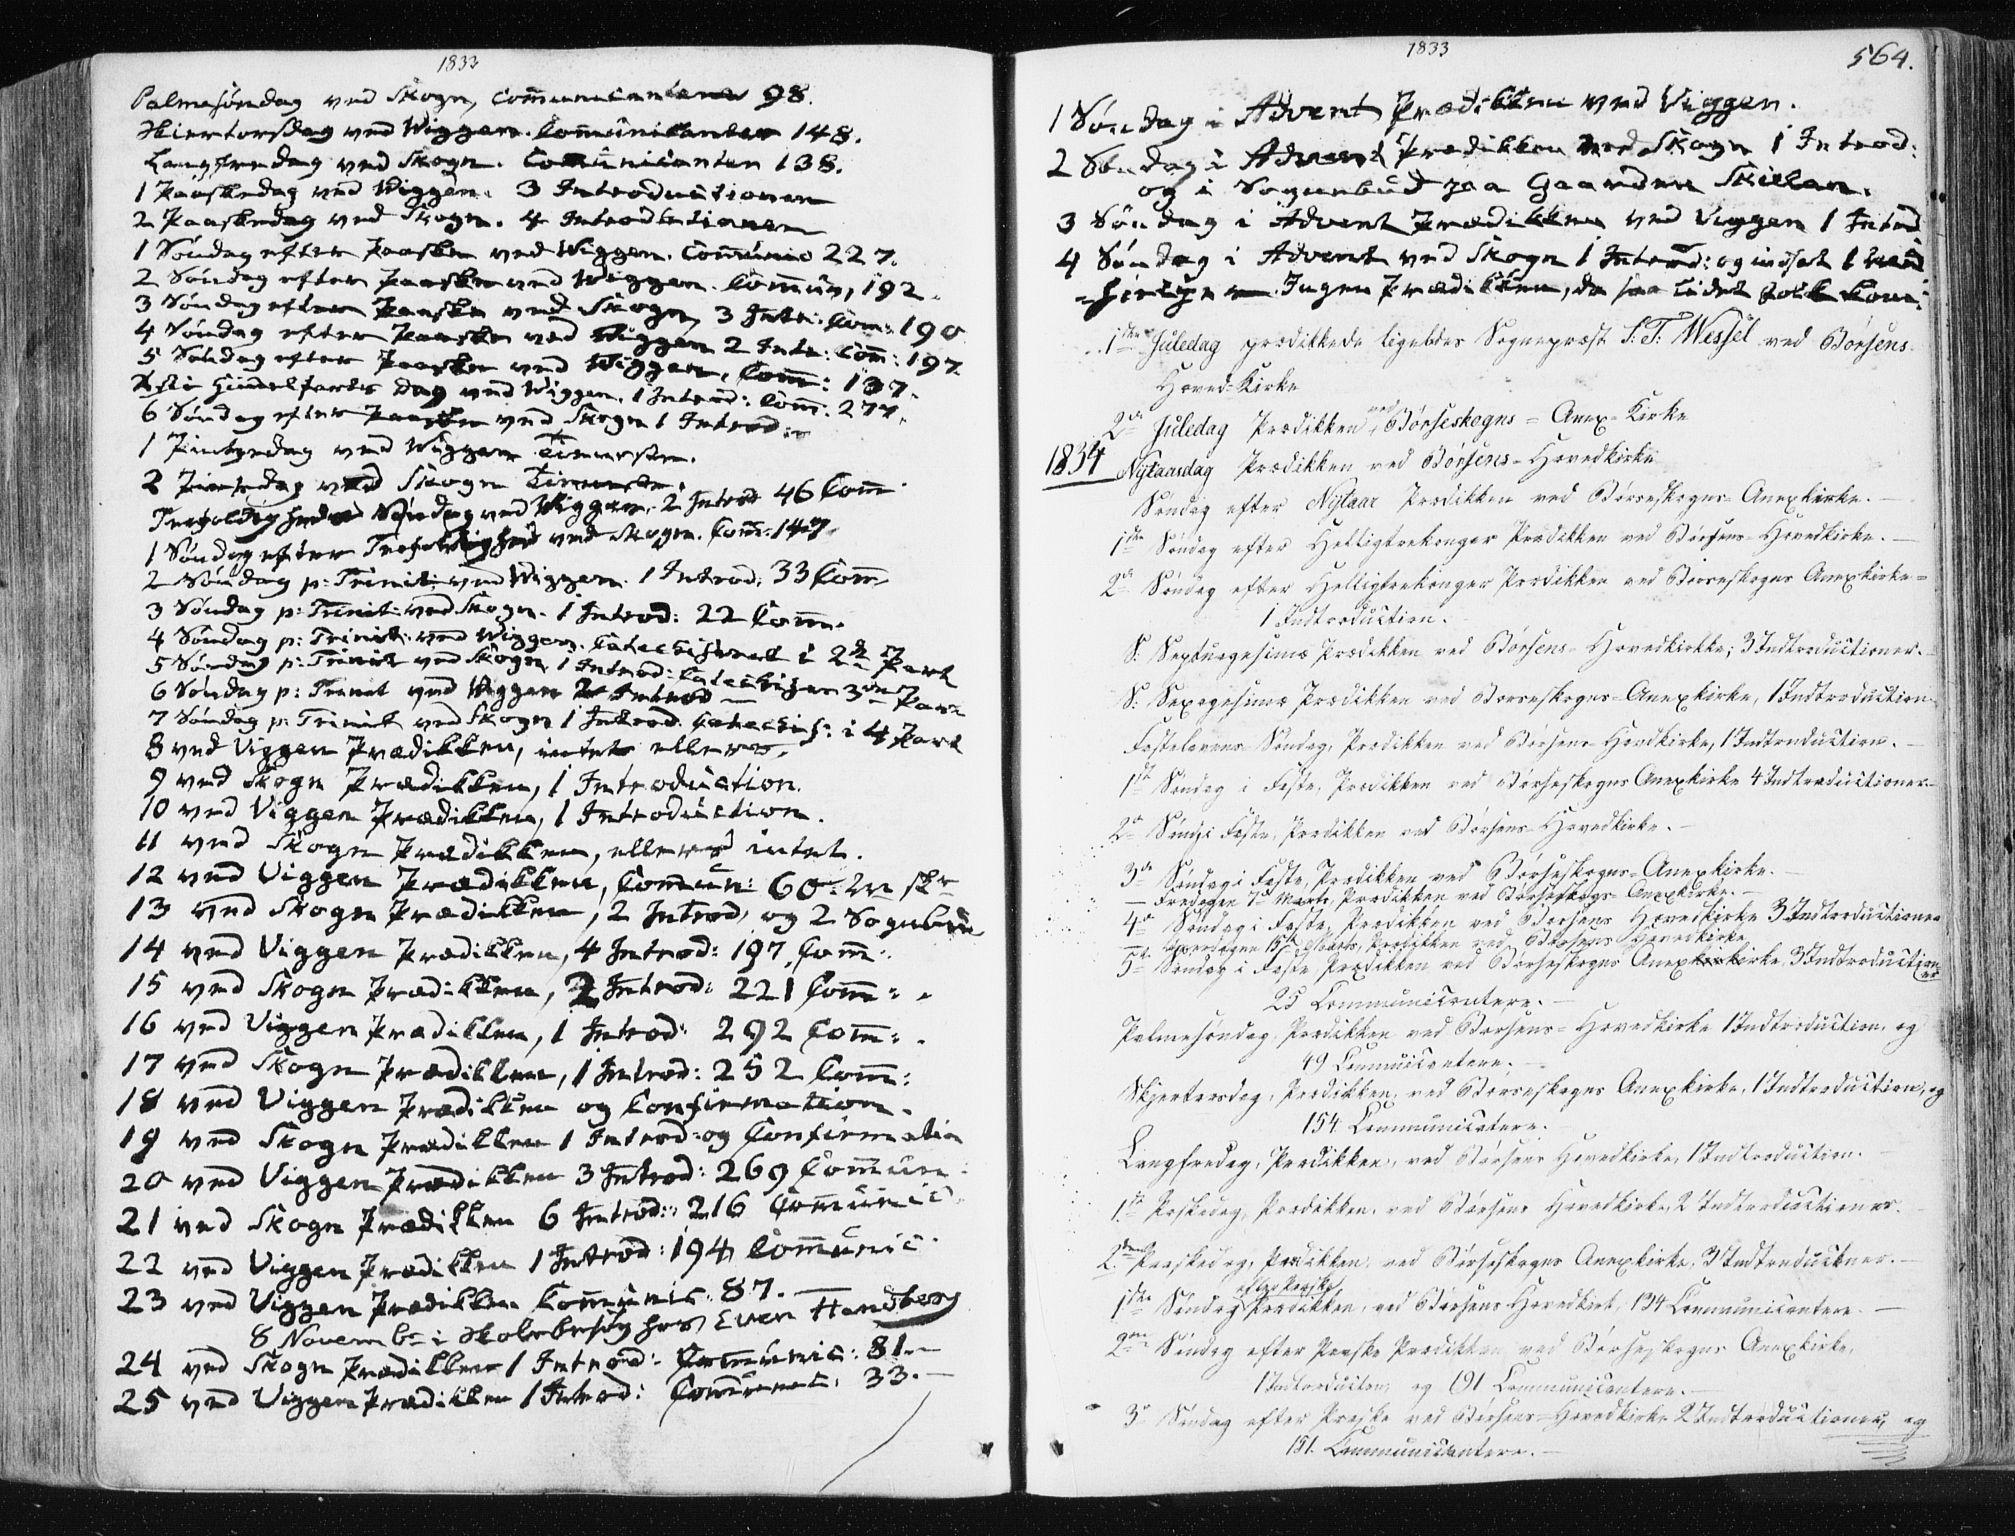 SAT, Ministerialprotokoller, klokkerbøker og fødselsregistre - Sør-Trøndelag, 665/L0771: Ministerialbok nr. 665A06, 1830-1856, s. 564